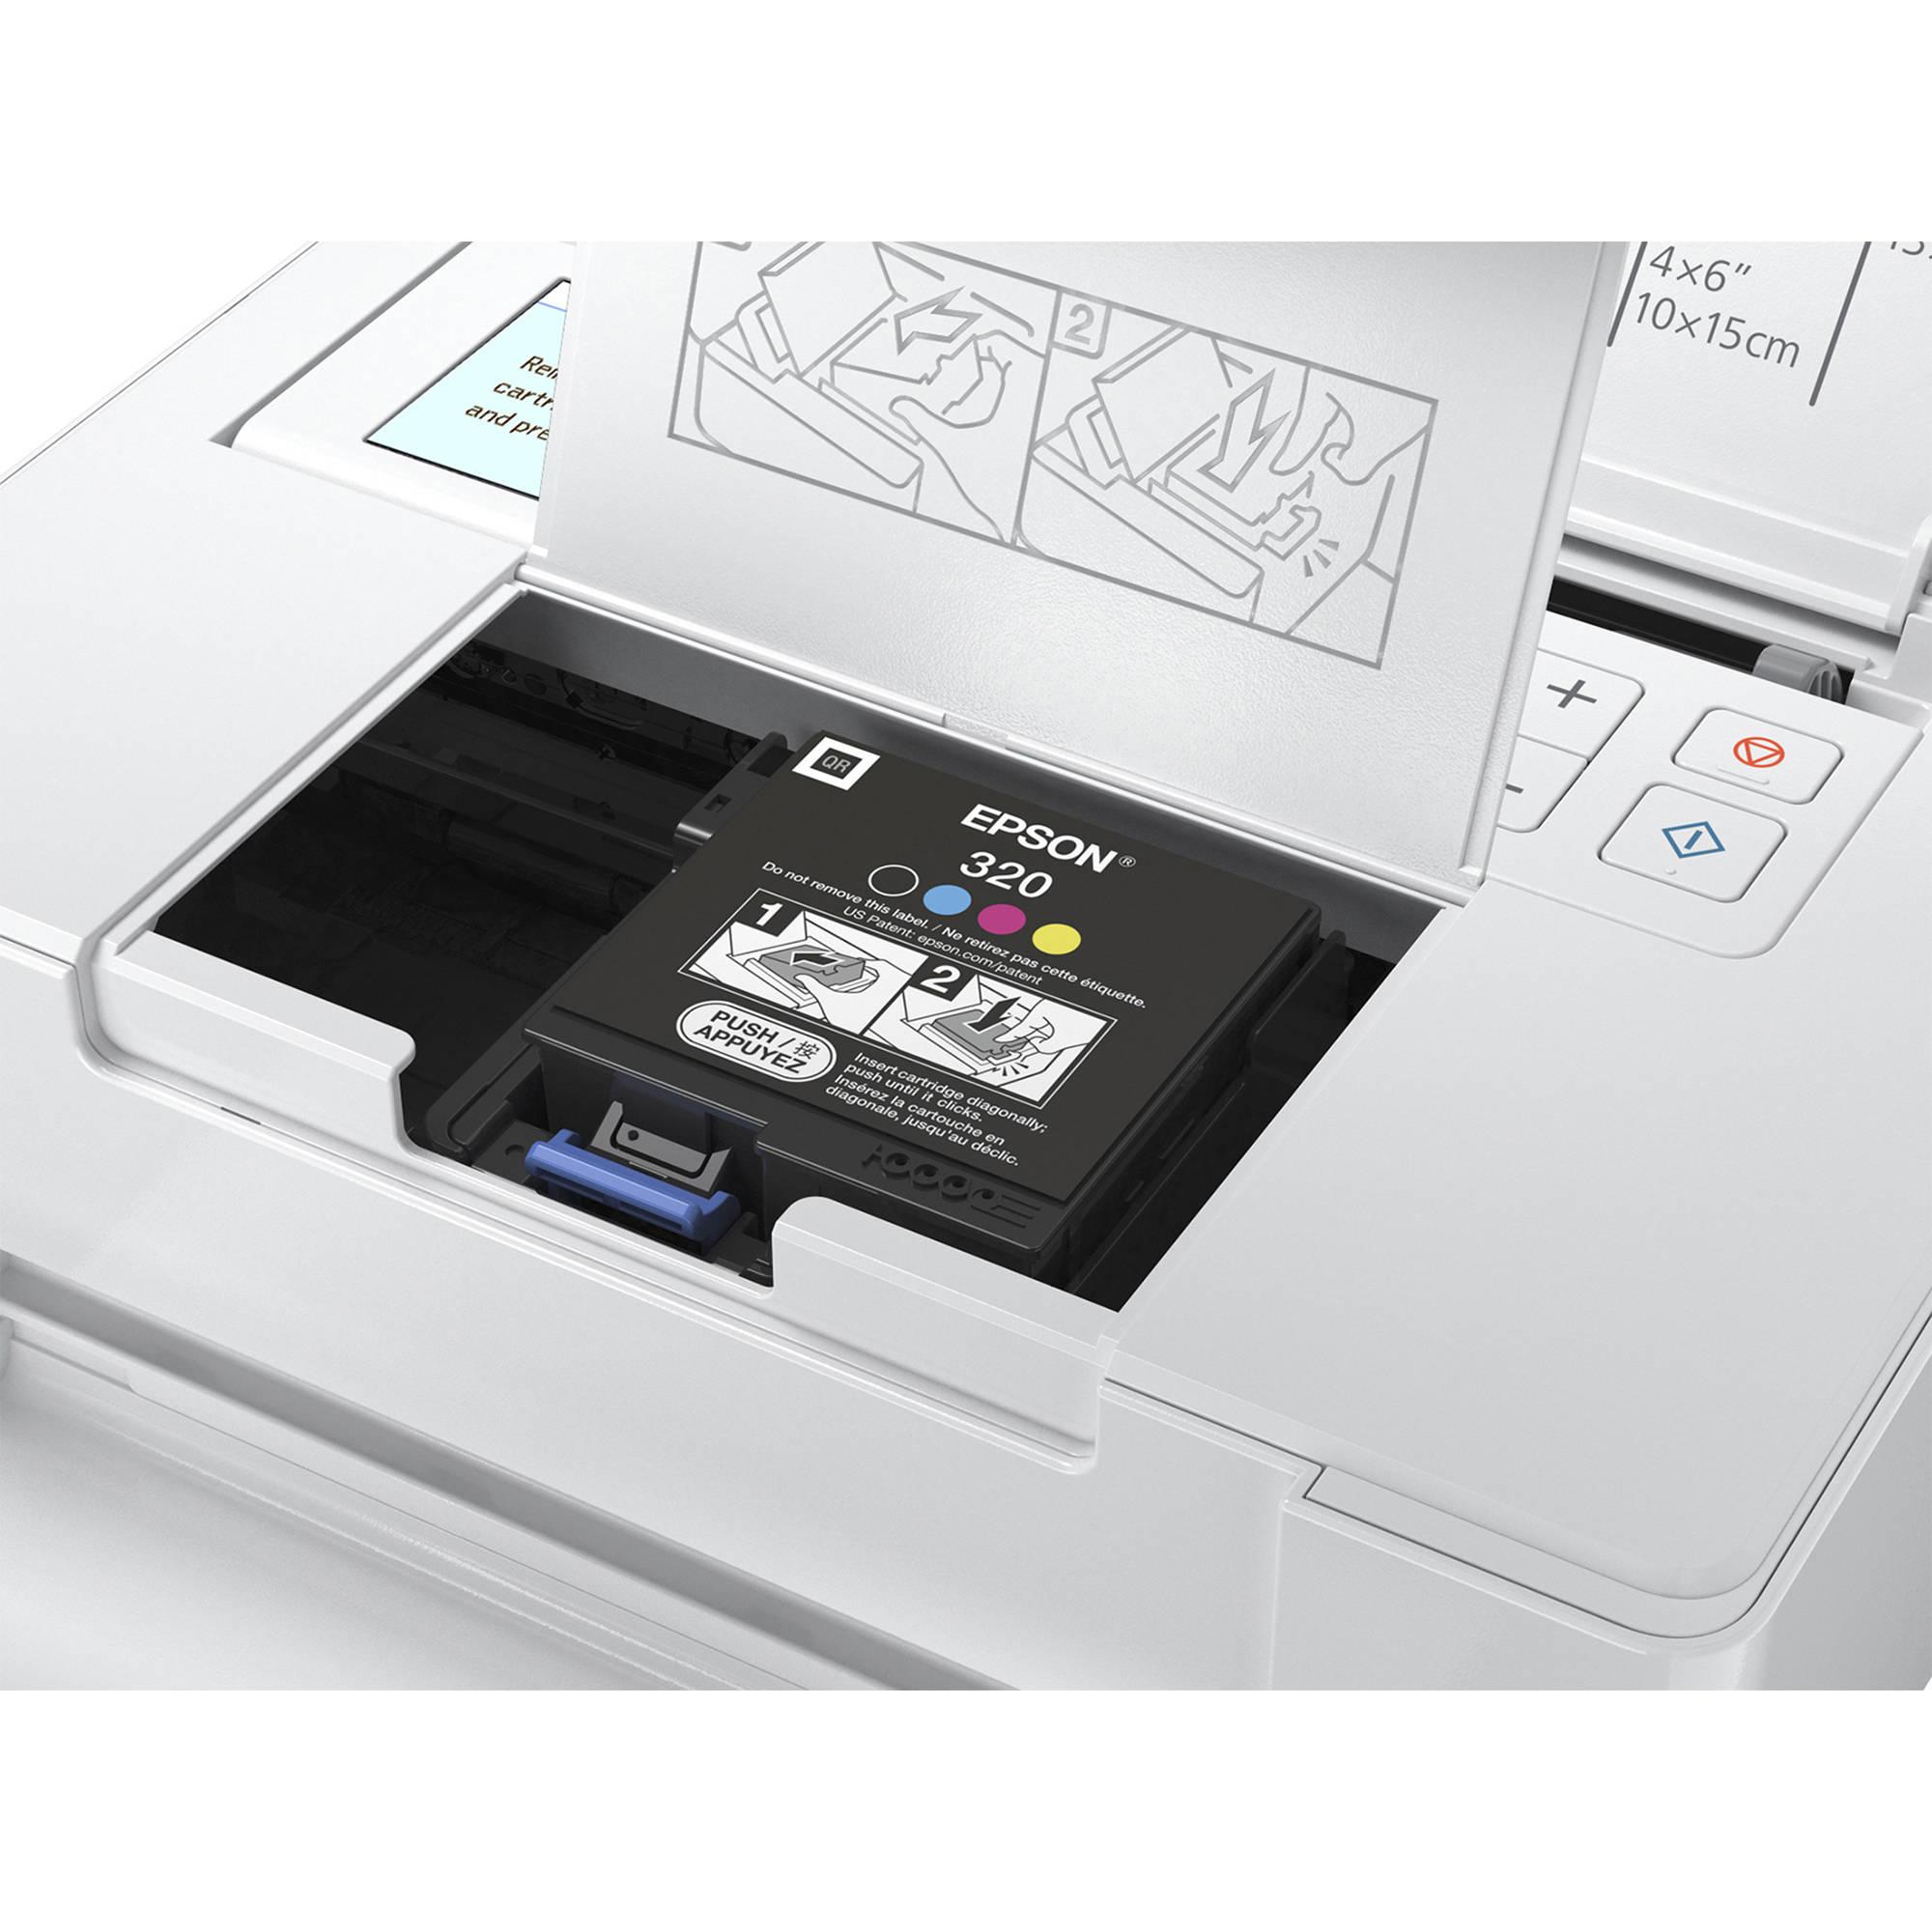 Epson PictureMate PM-400 Personal Photo Lab